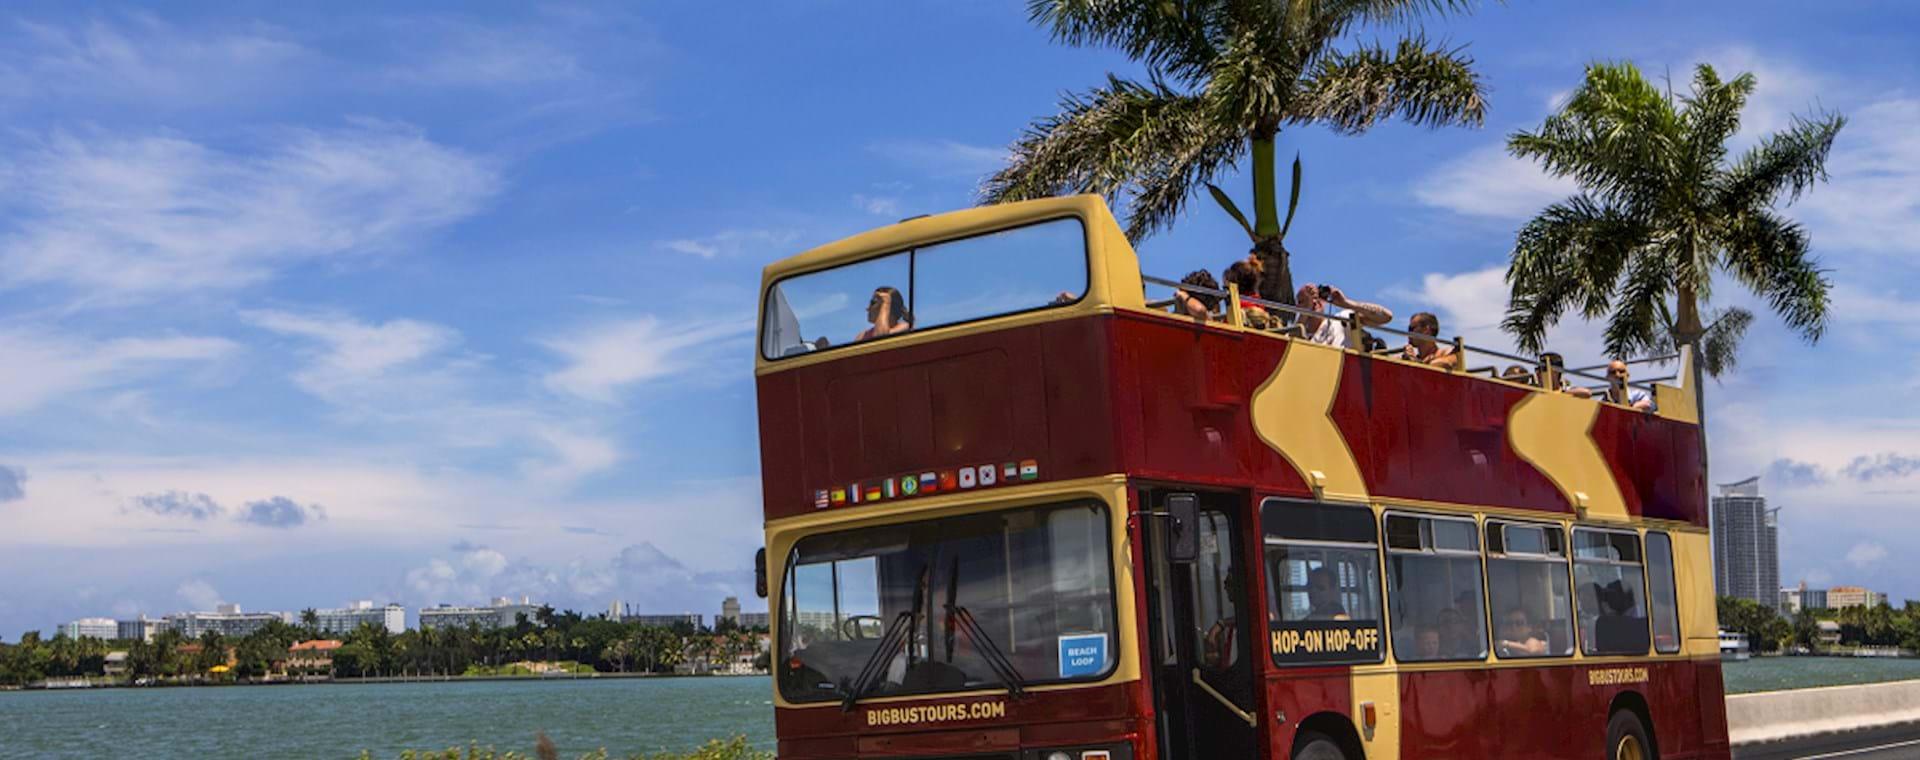 Bus trip South Beach miami